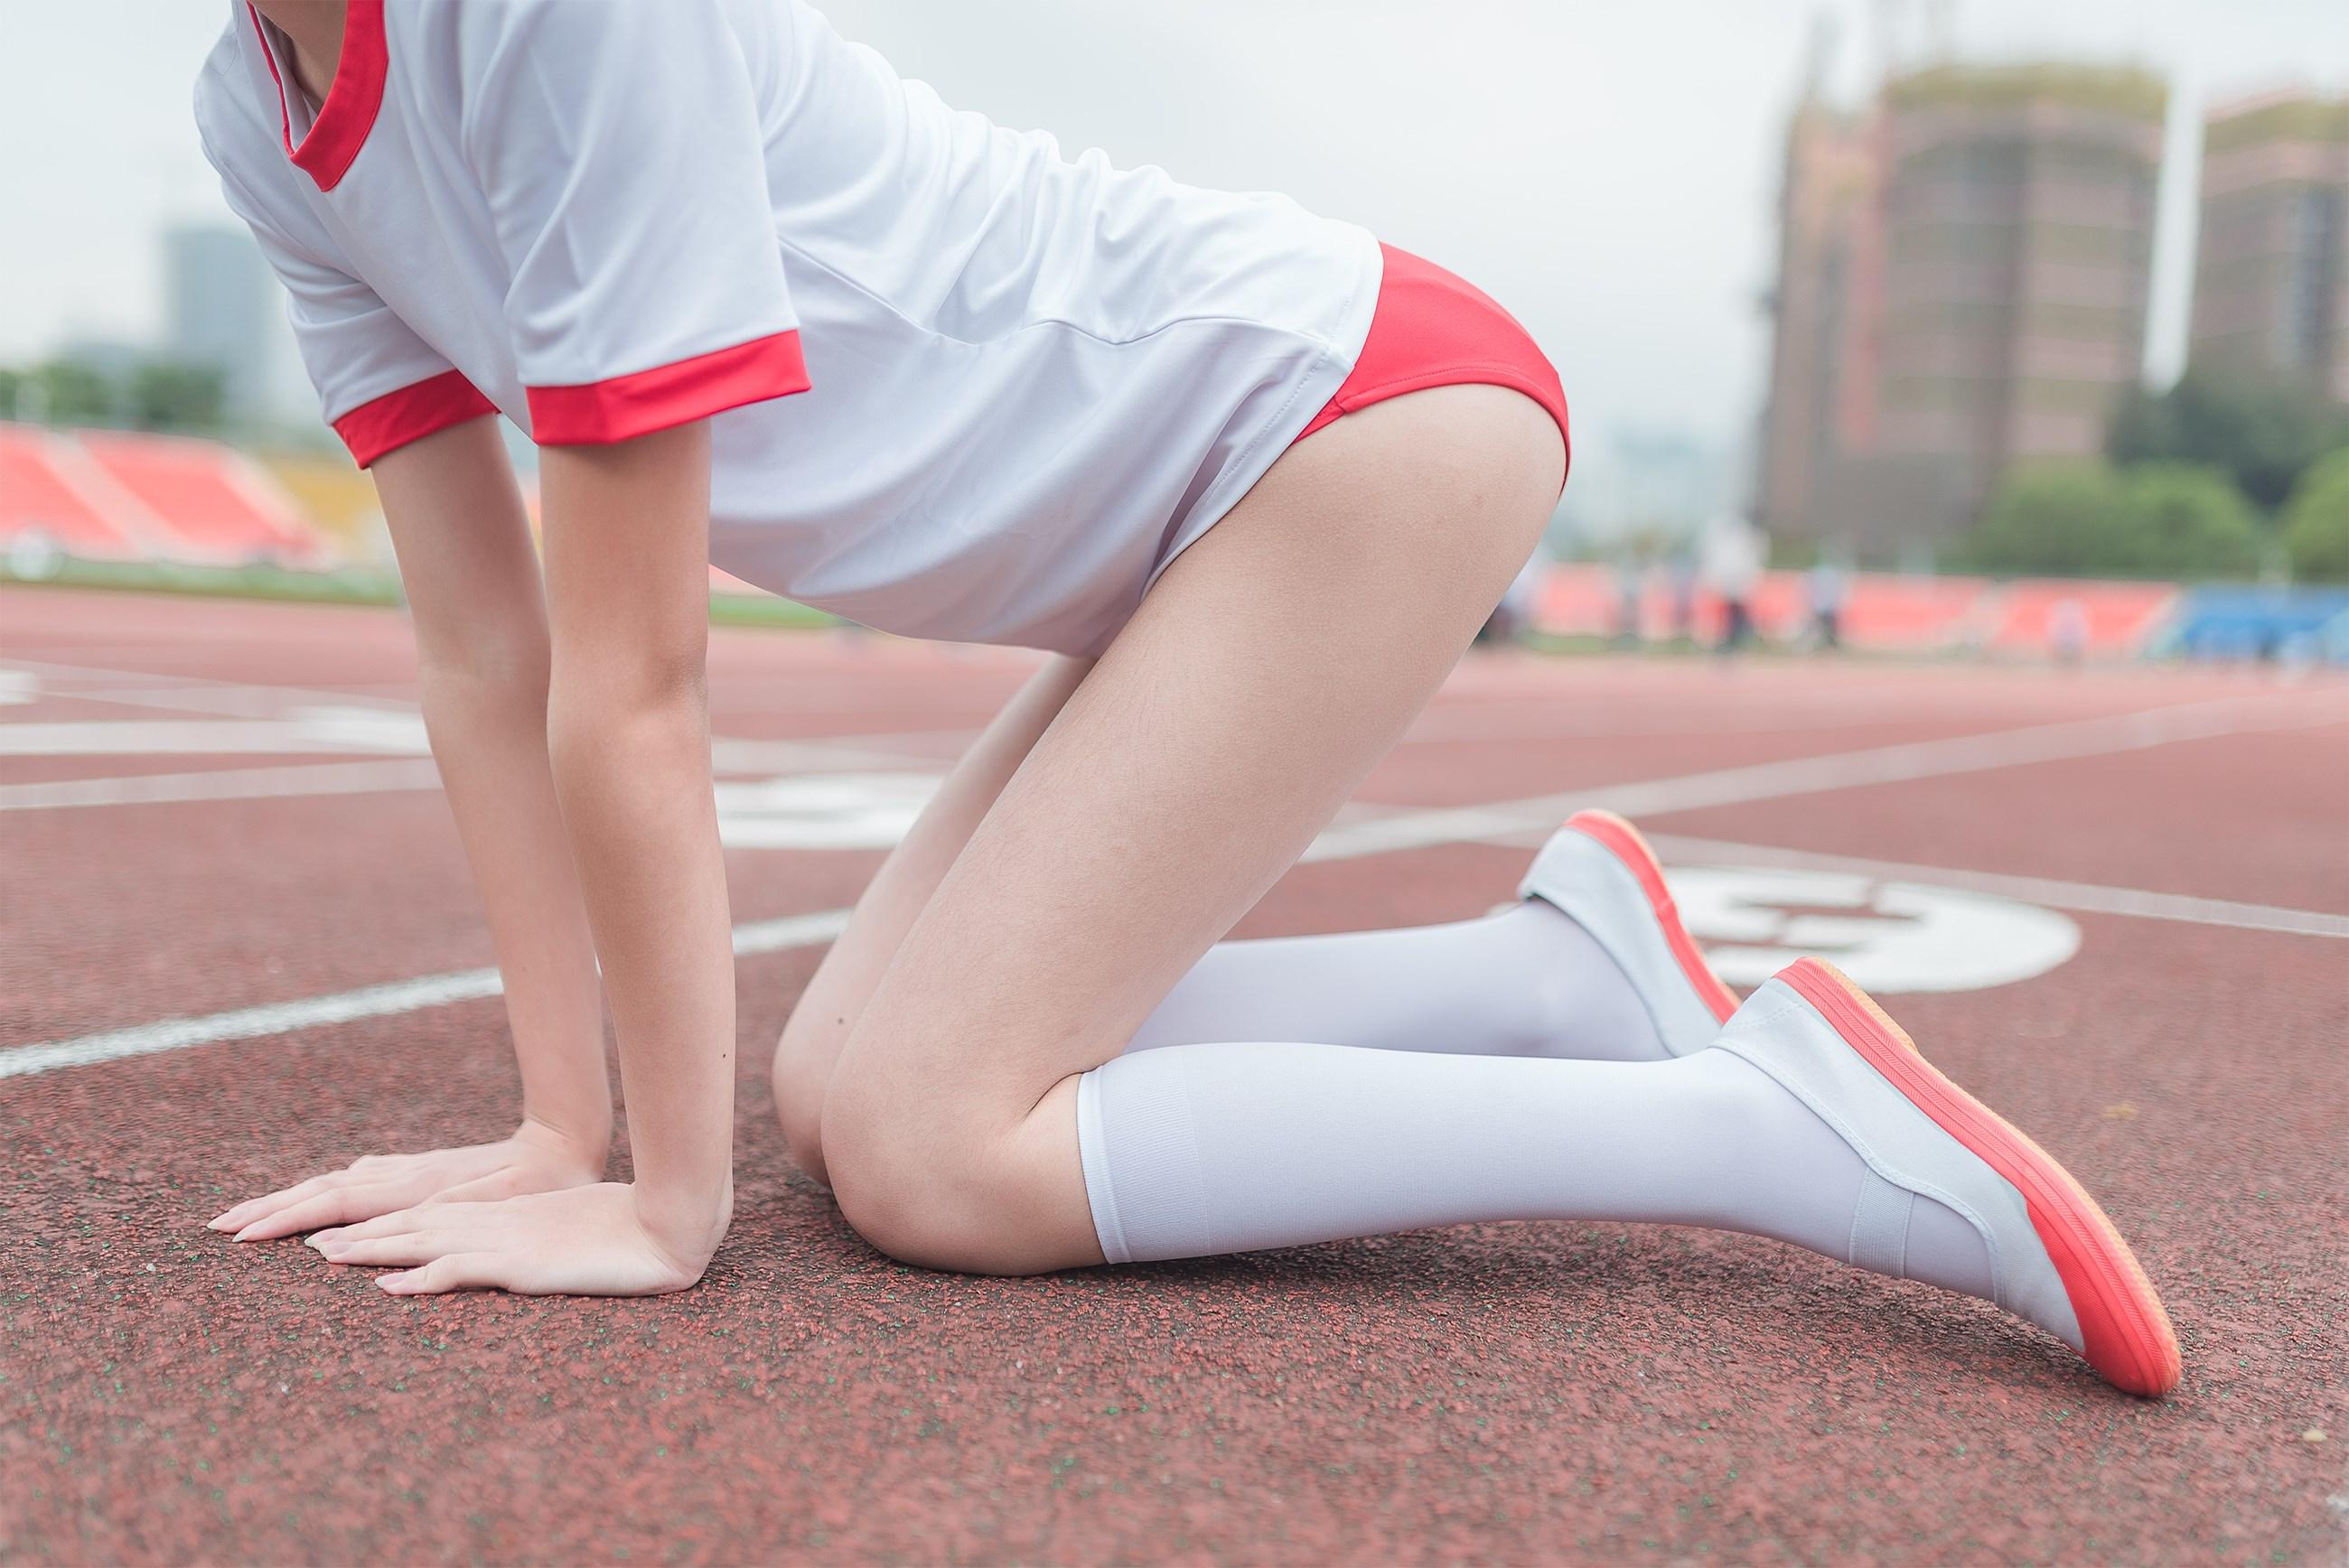 【兔玩映画】百合体操服少女 兔玩映画 第26张